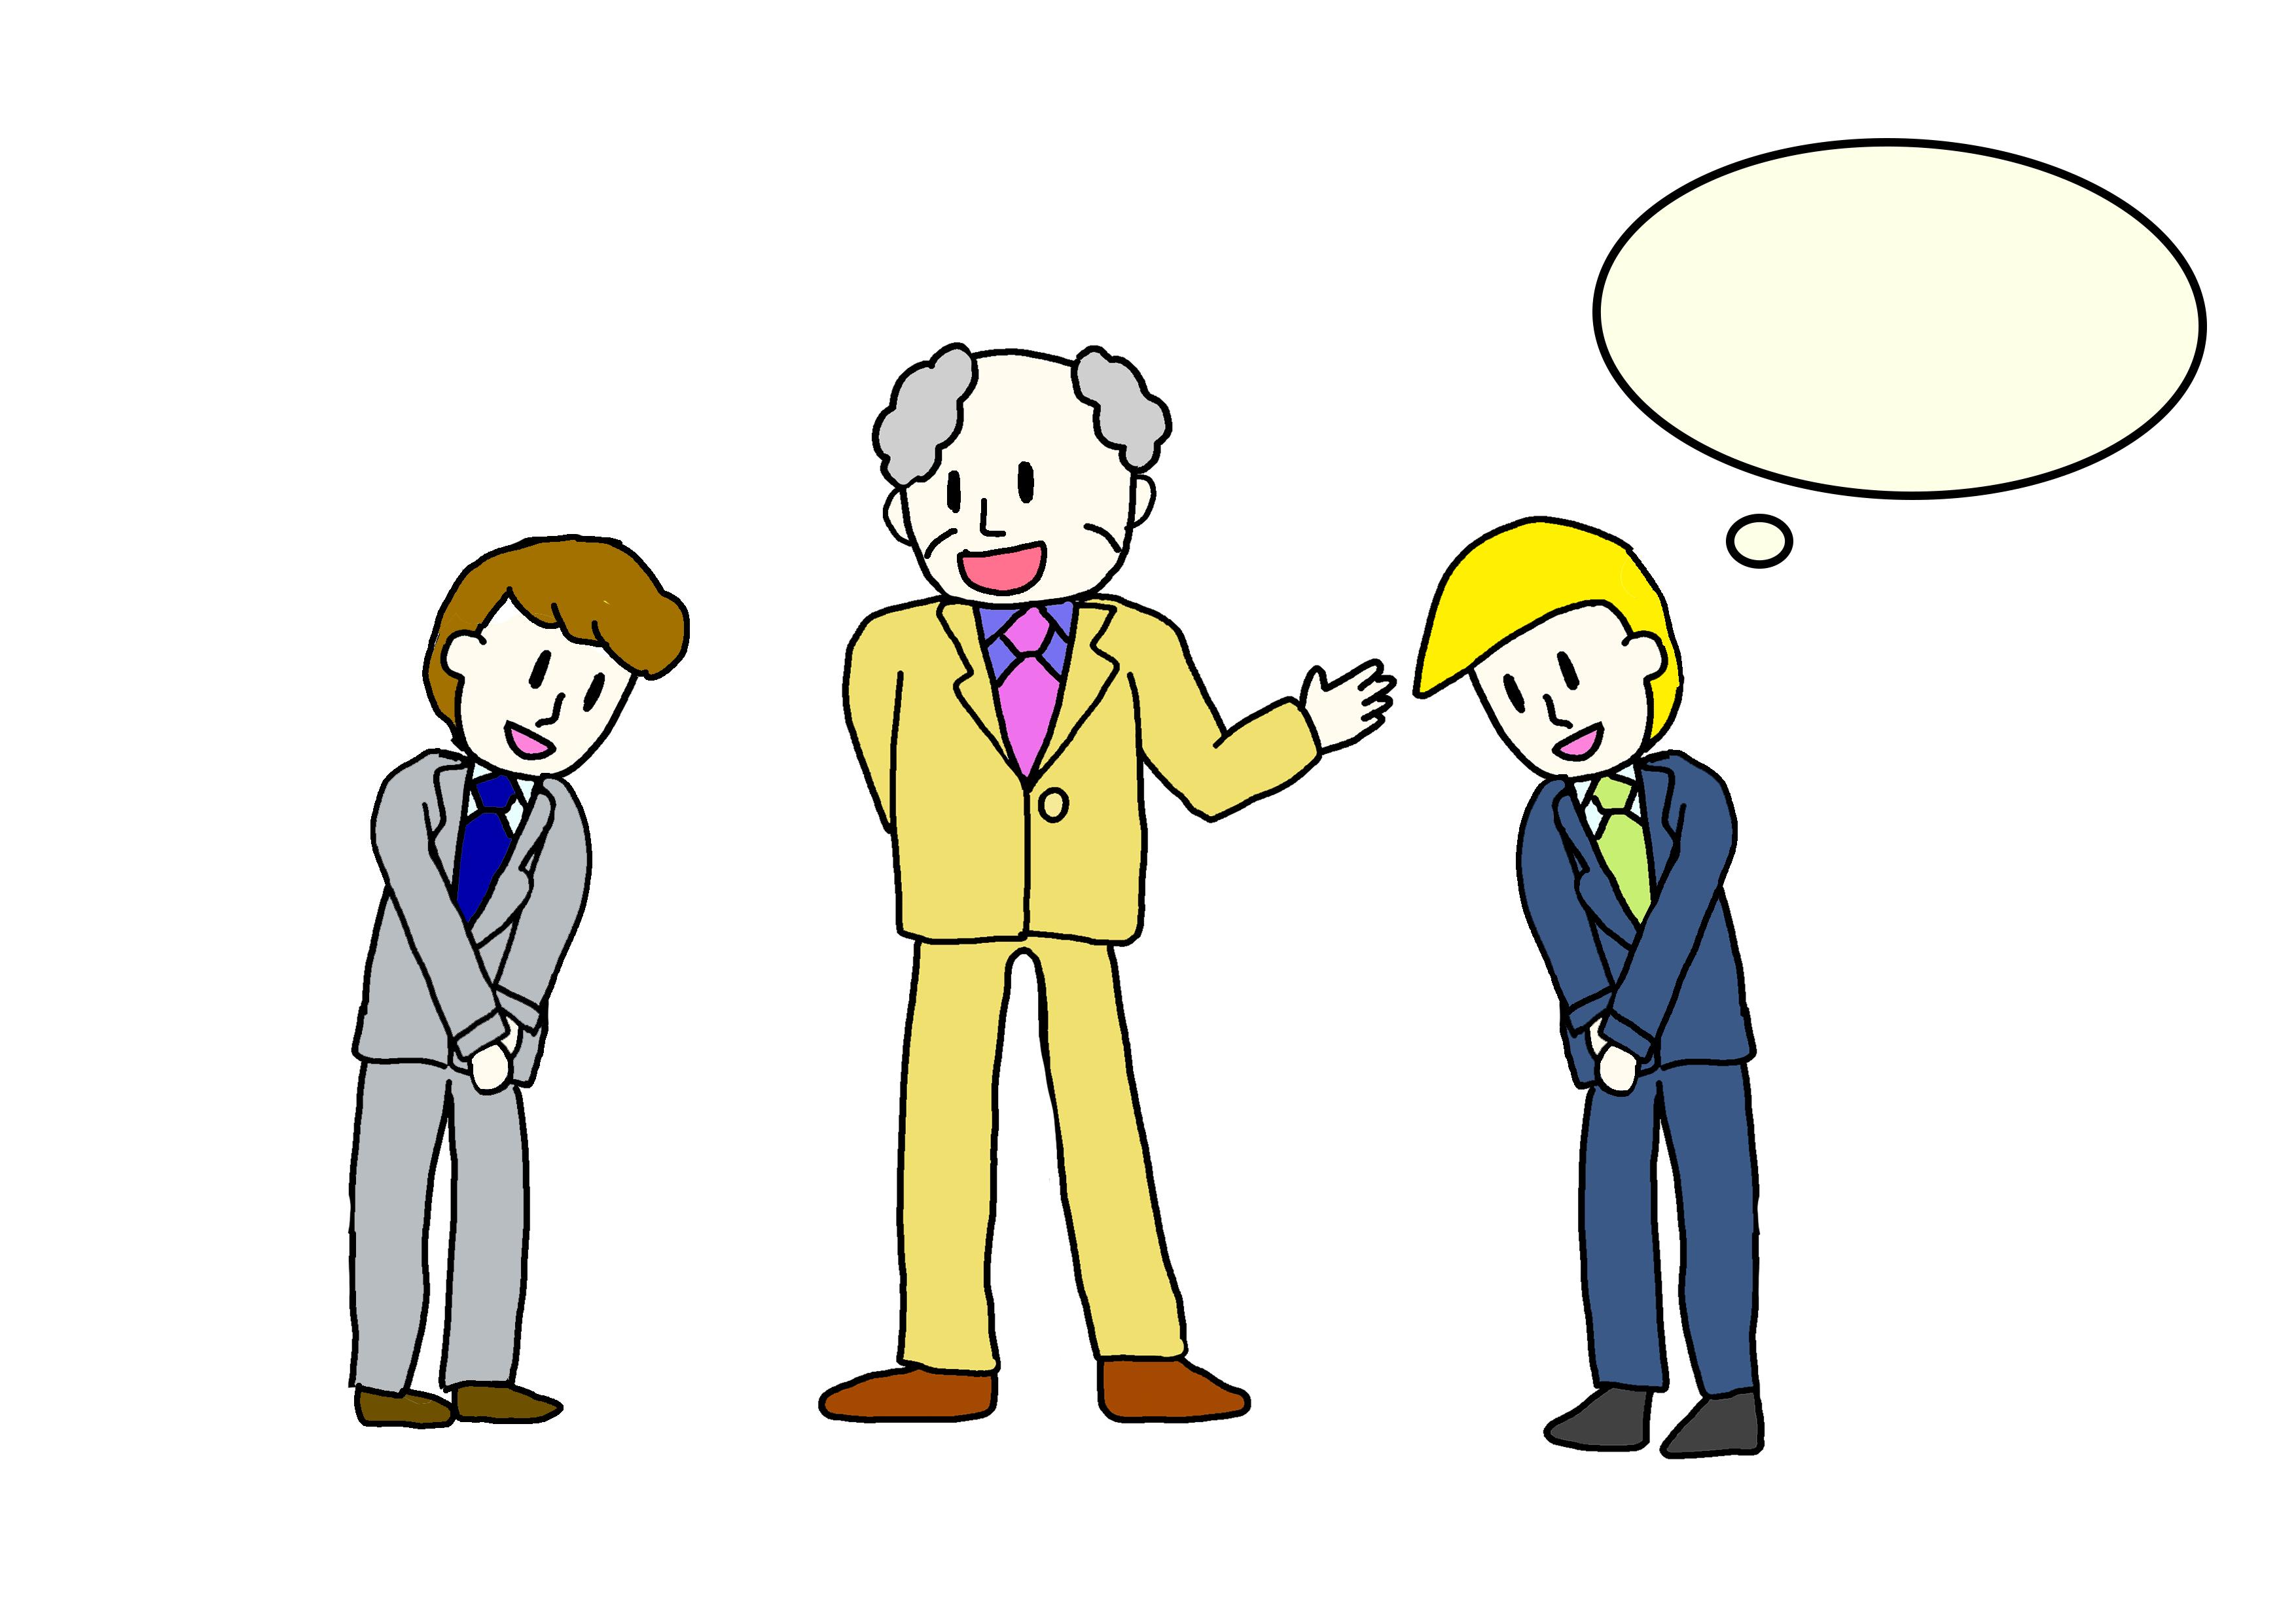 イラスト23課【初めまして】